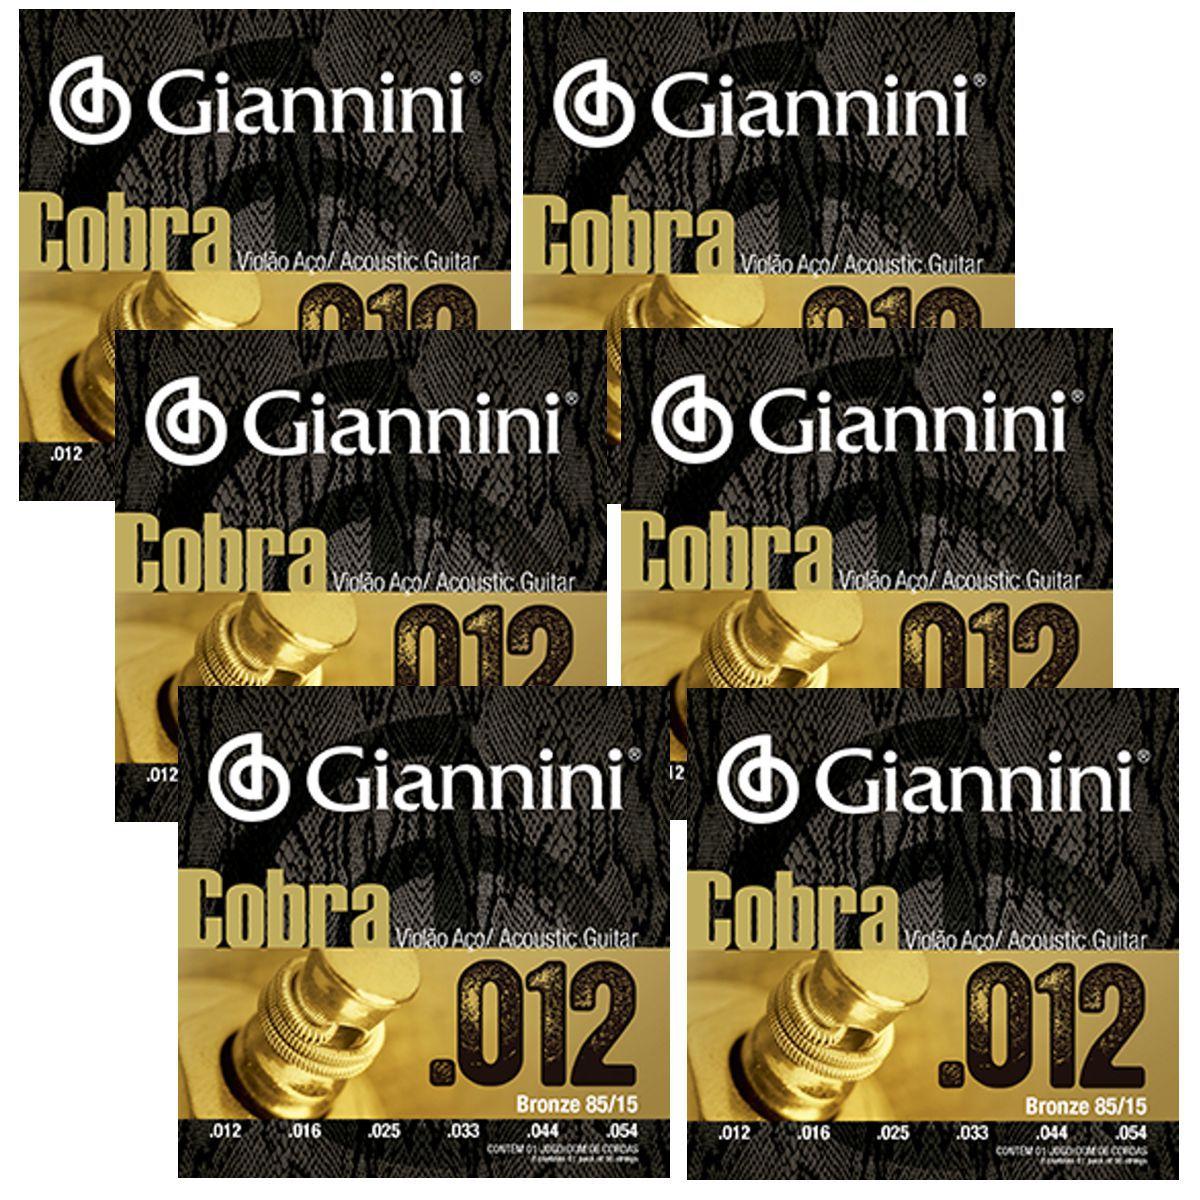 Encordoamento Giannini Violão AÇO Bonze 85/15 Série Cobra .012 GEEFLKS012 - 06 Unidades